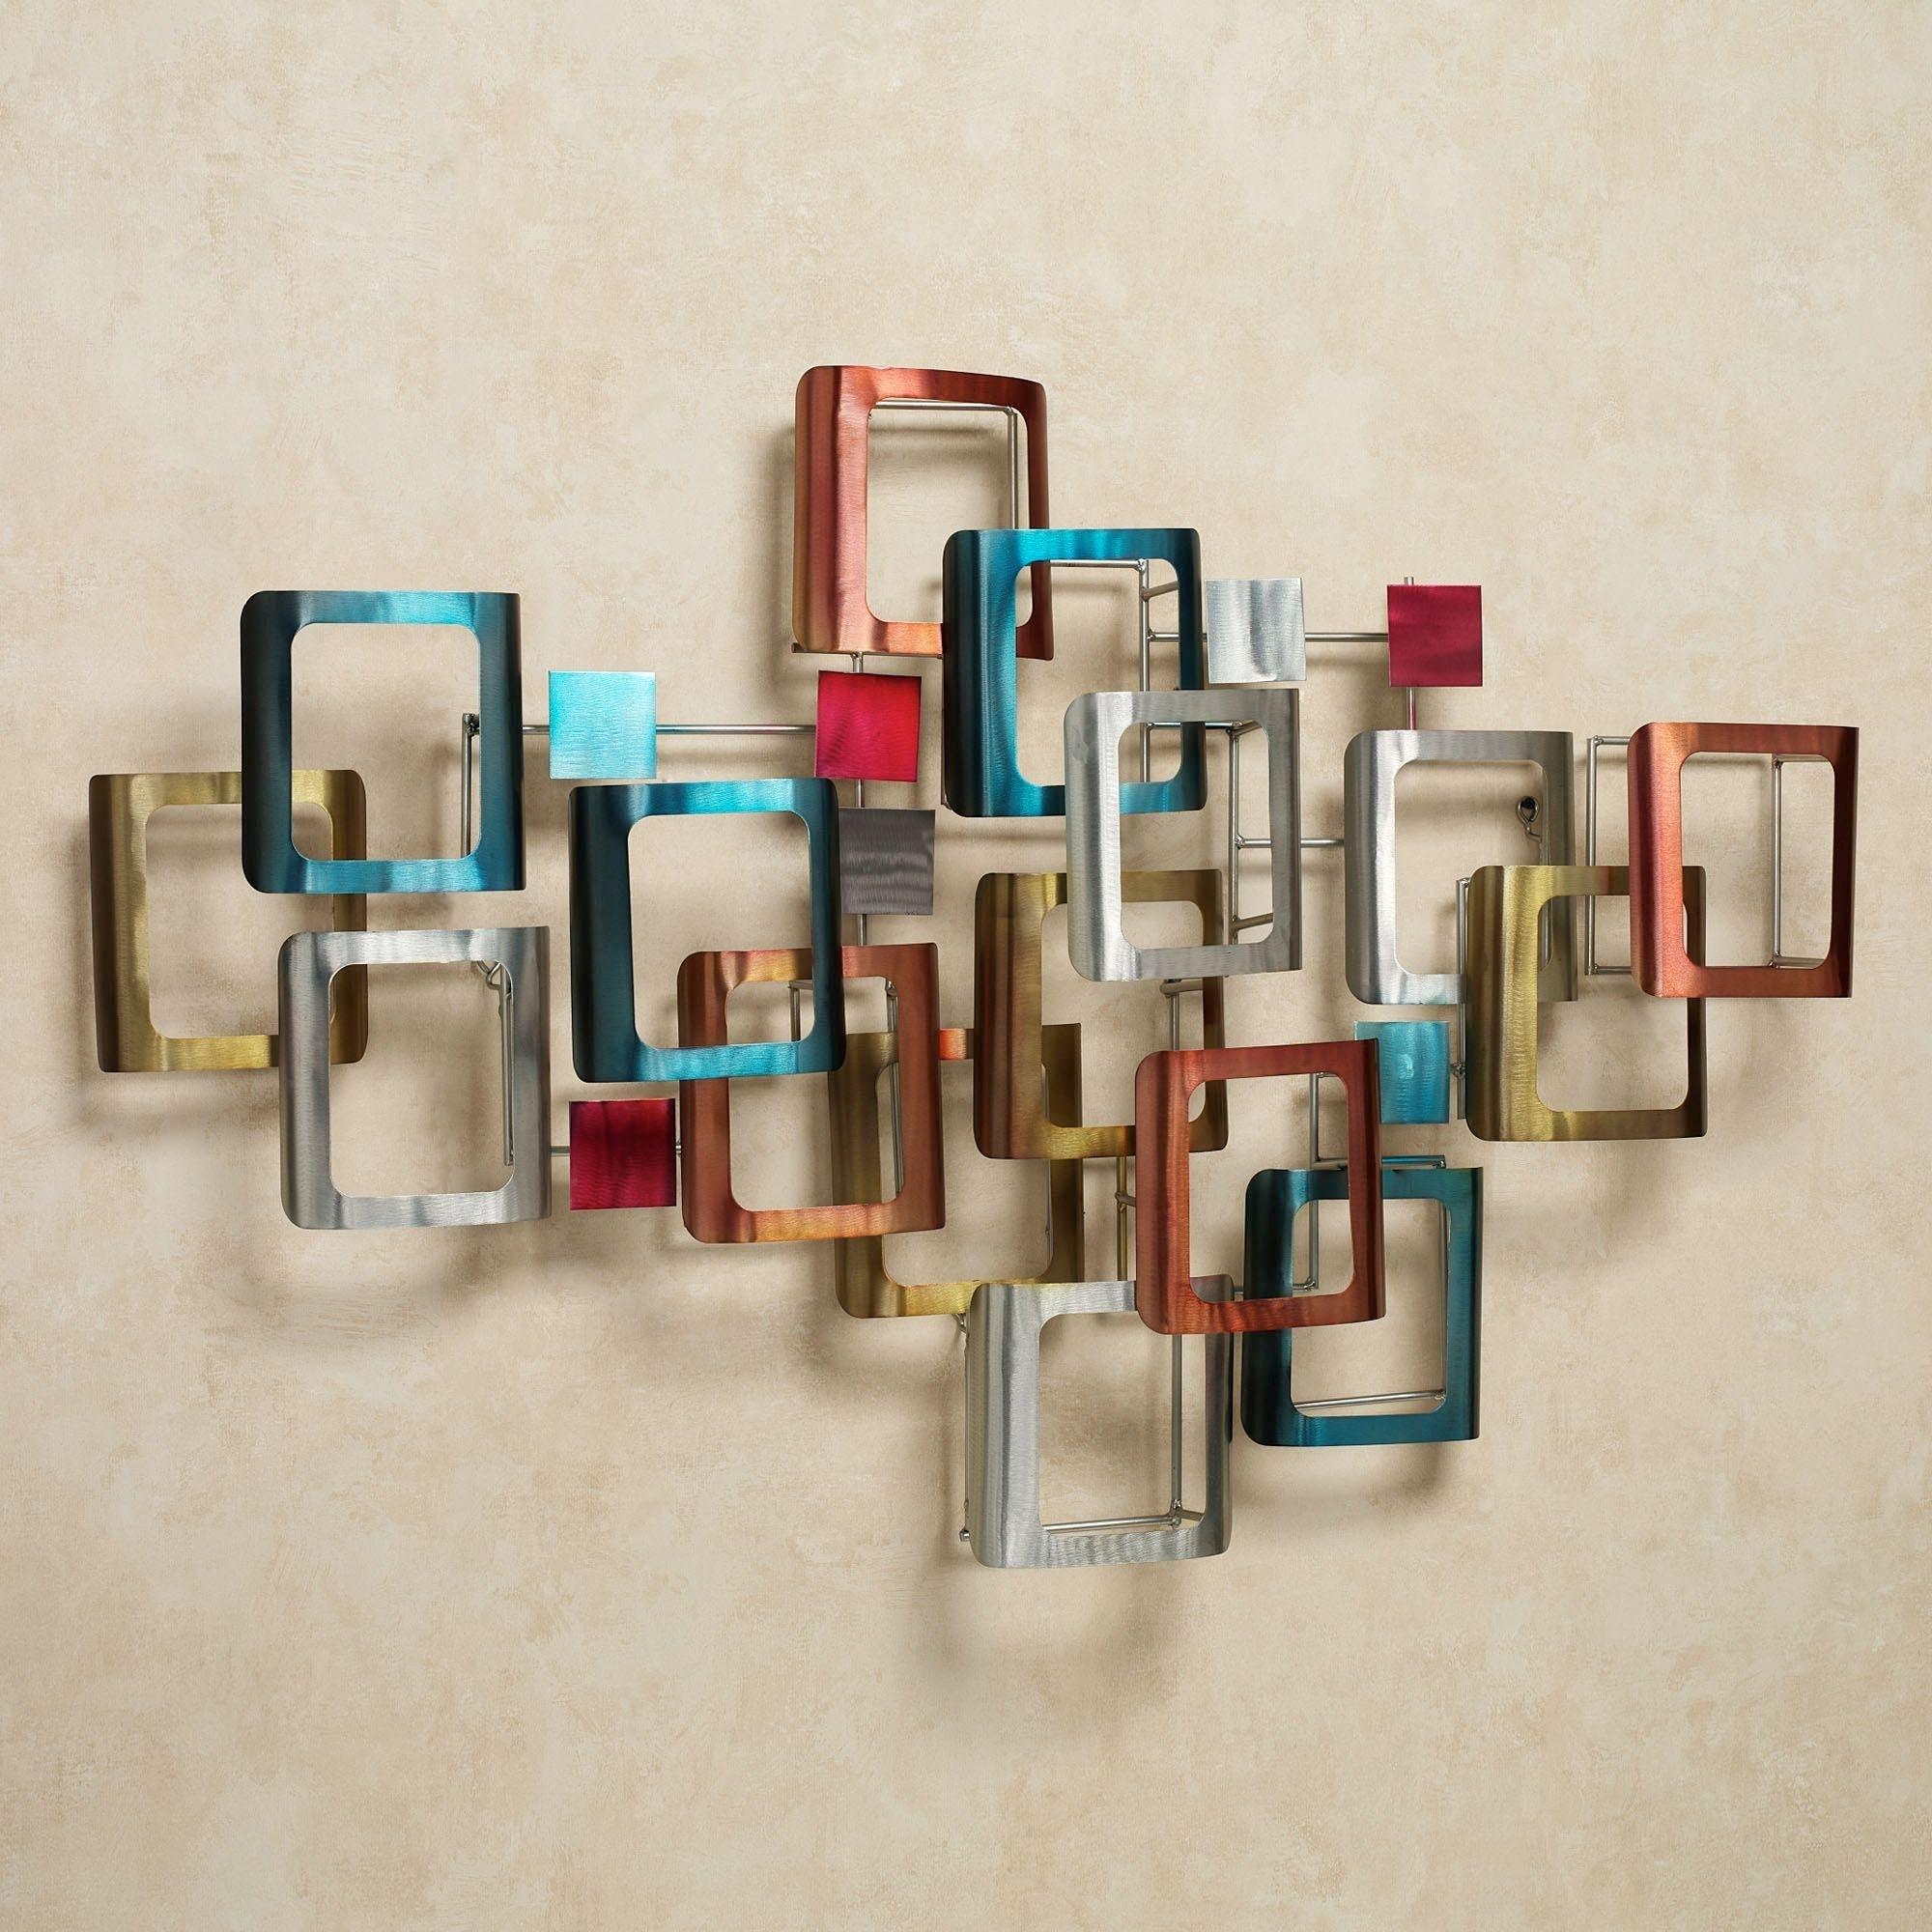 Pinterest Regarding Recent Sculpture Abstract Wall Art (View 3 of 20)